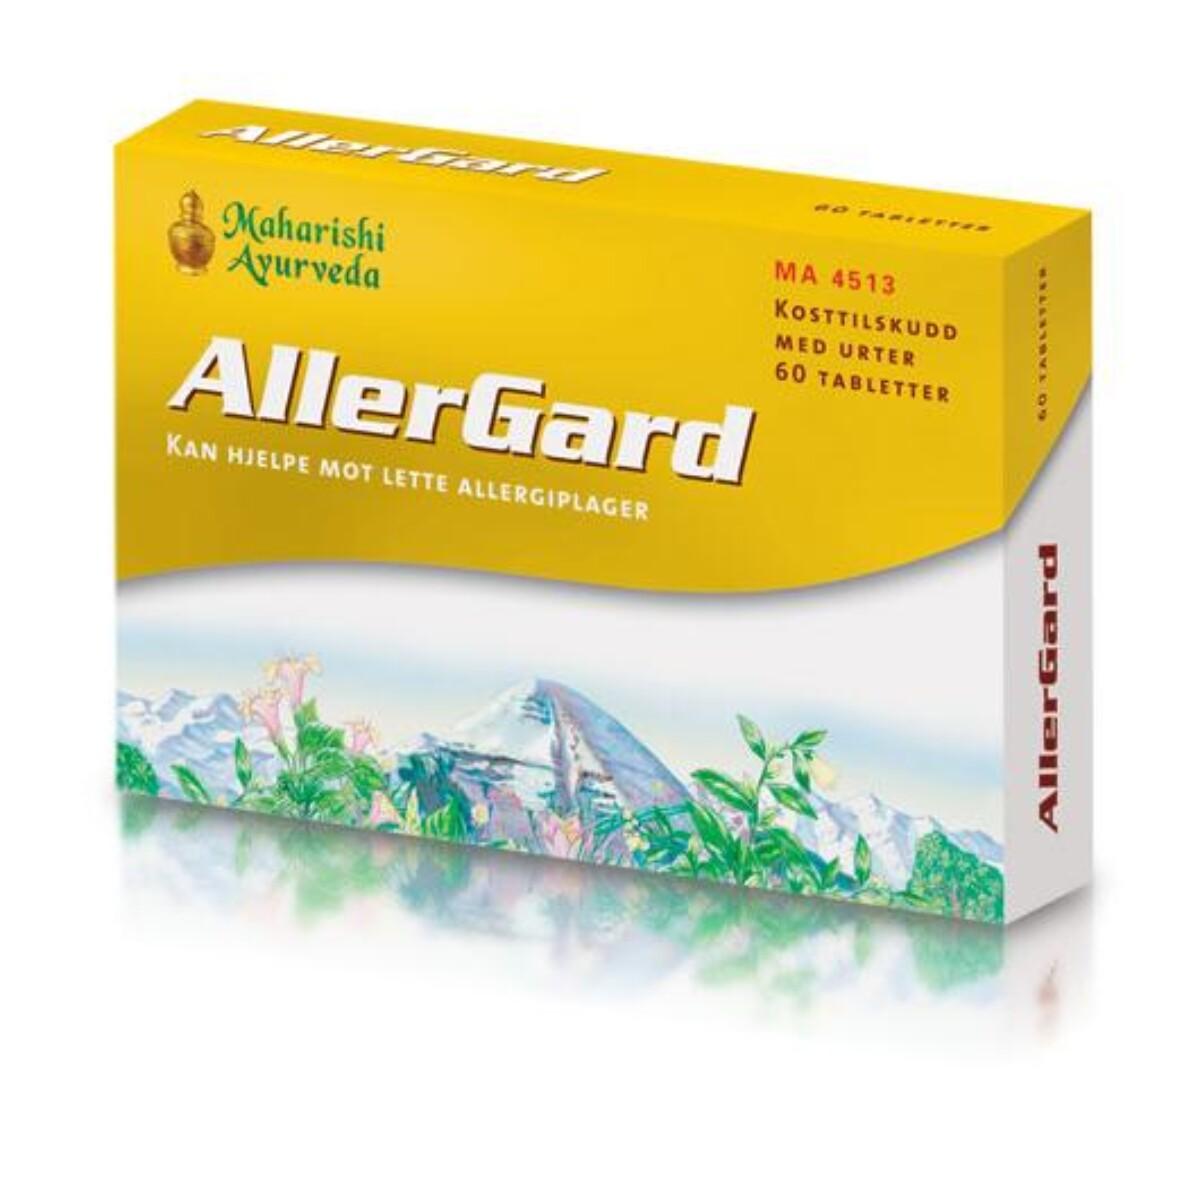 Allergard tablett